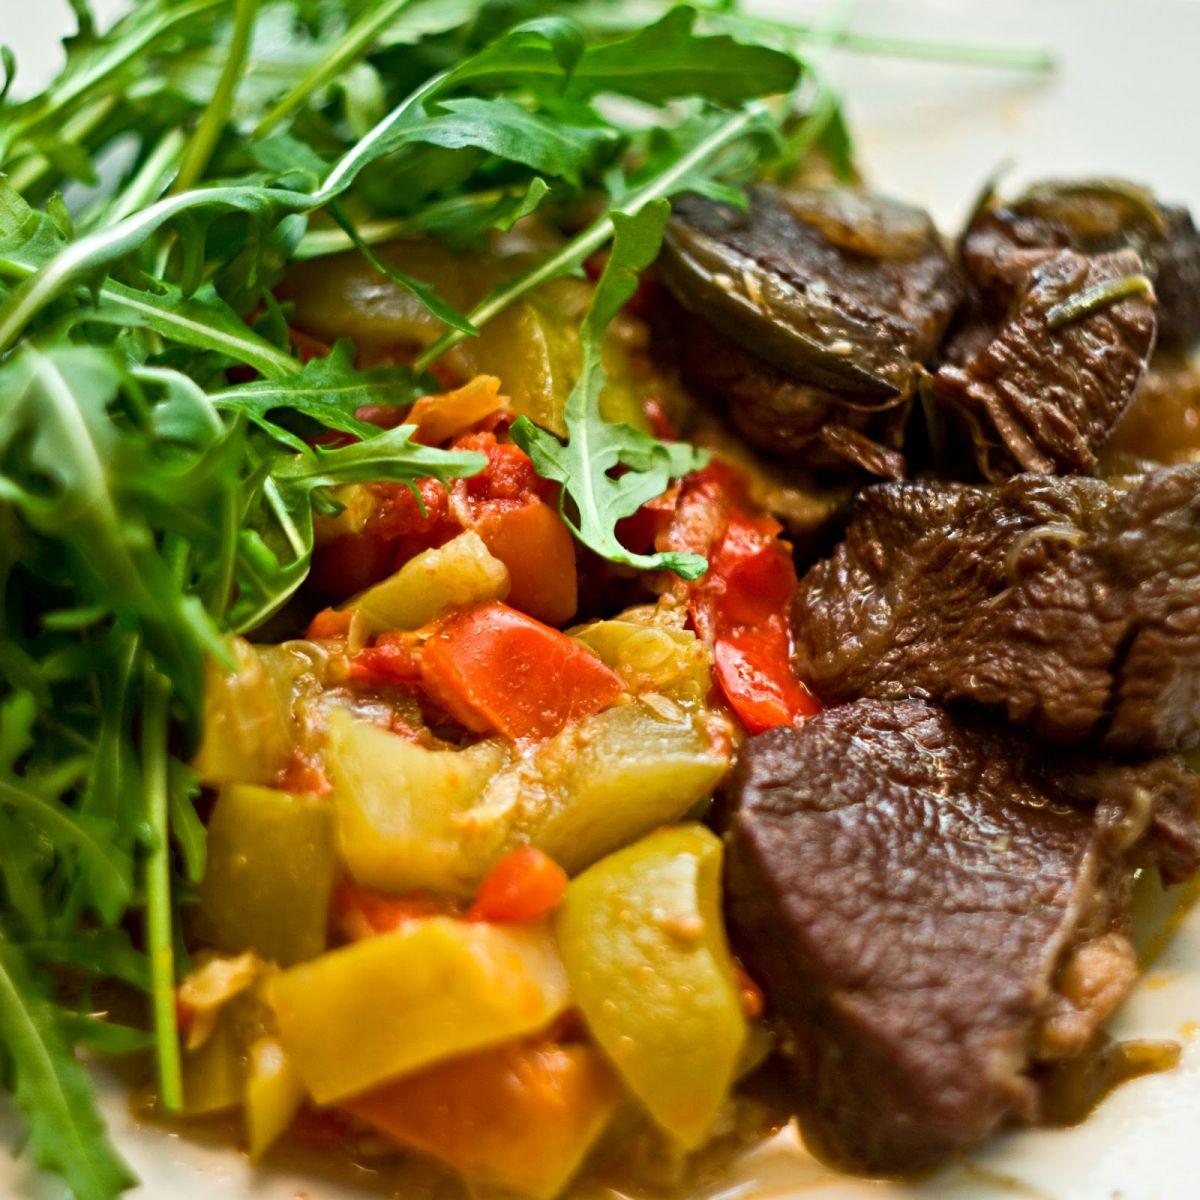 Пять блюд для приготовления в мультиварке - фото №4